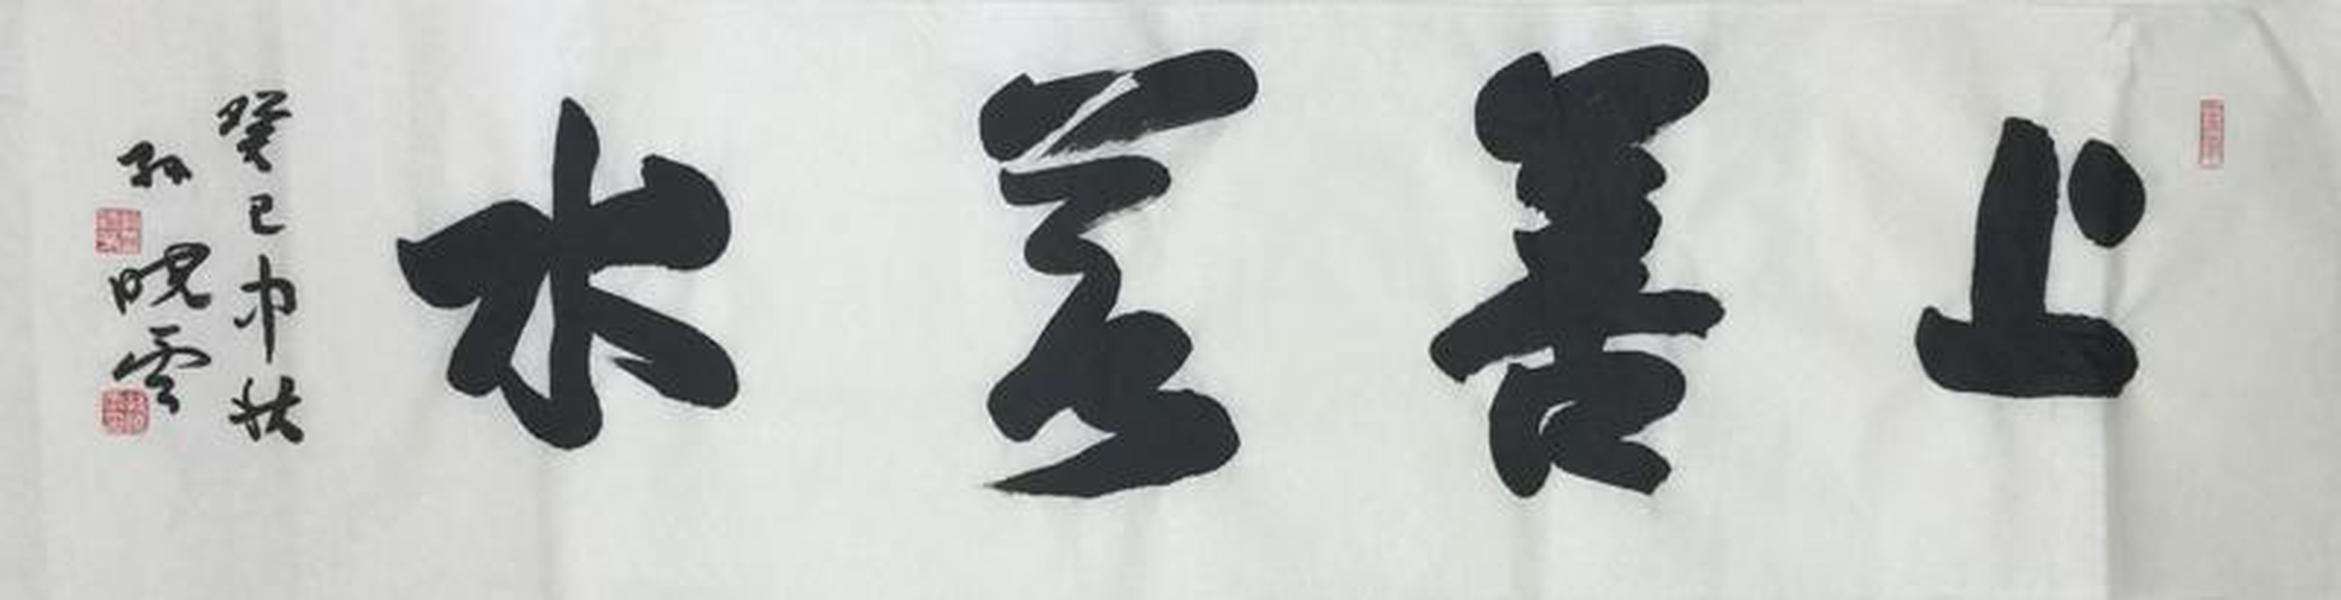 ★【顺丰包邮】【纯手绘】【孙晓云】四尺对开书法、上善若水★买家自鉴